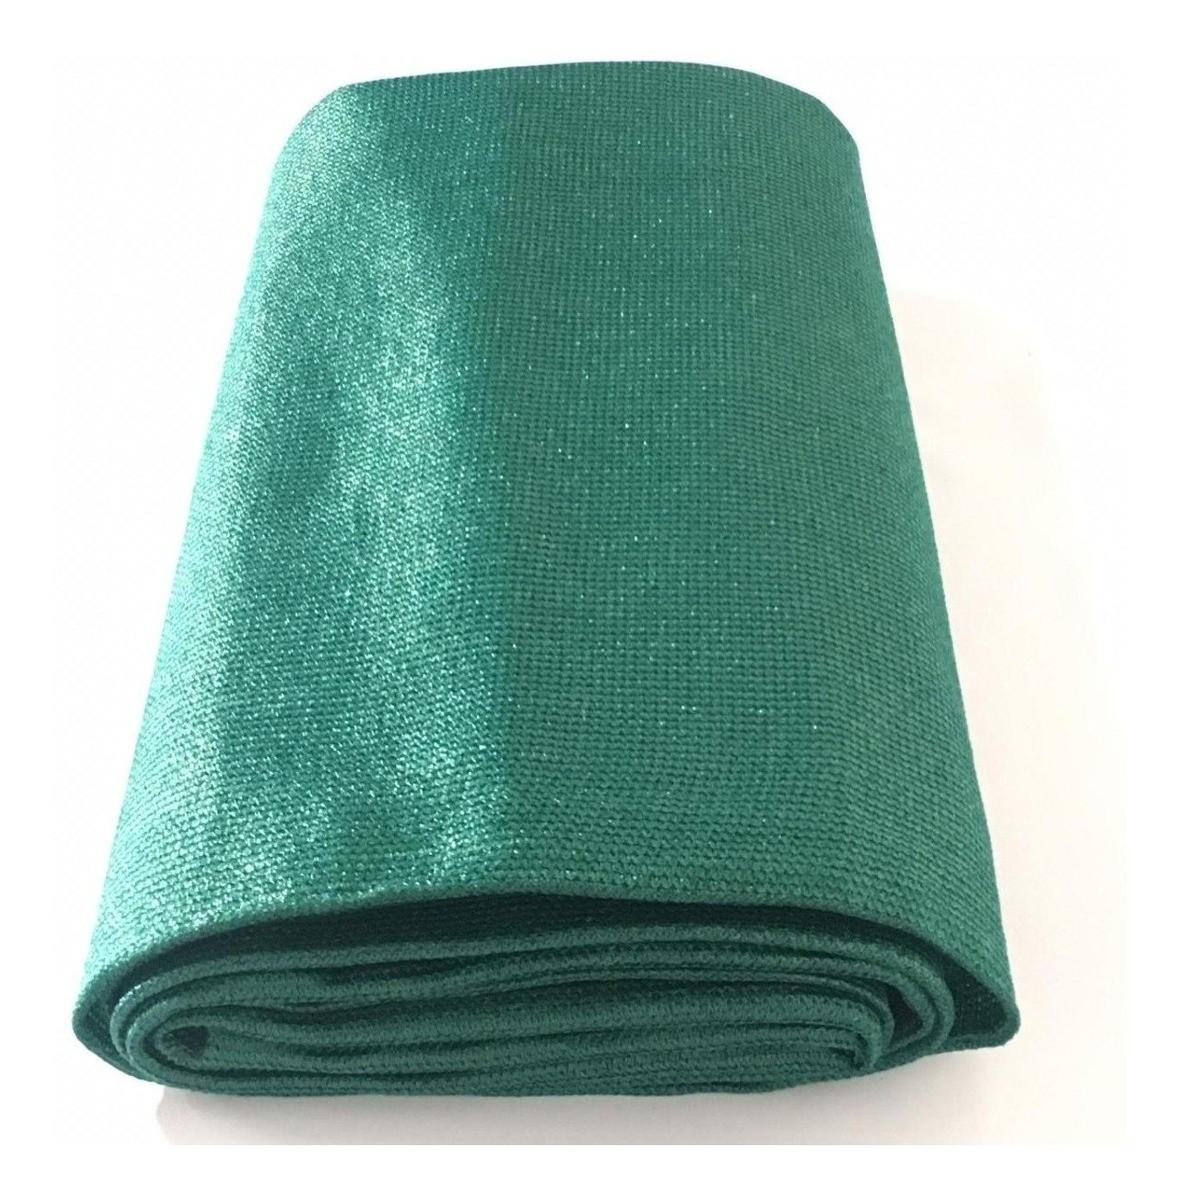 Tela Shade Sombrite Toldo Decorativa Verde Com Bainha e Ilhós 5x1m